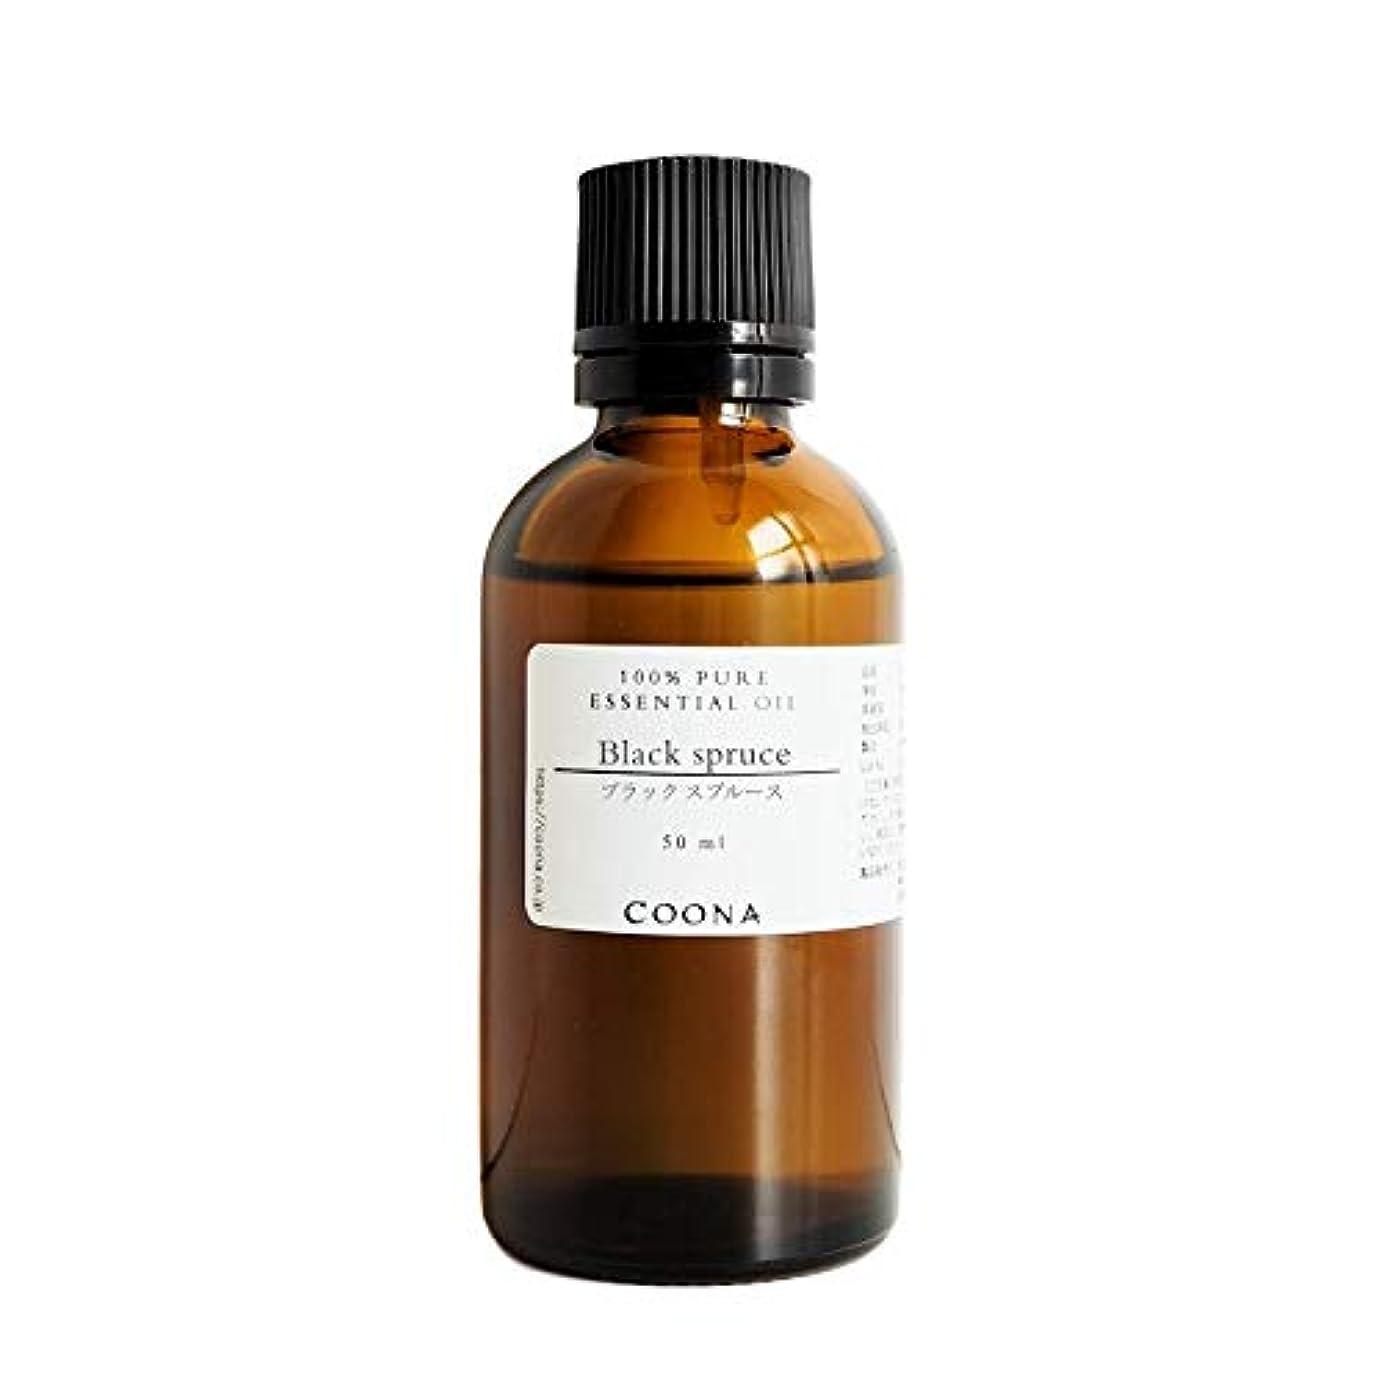 ズームインするローズ勇気のあるブラックスプルース 50 ml (COONA エッセンシャルオイル アロマオイル 100% 天然植物精油)